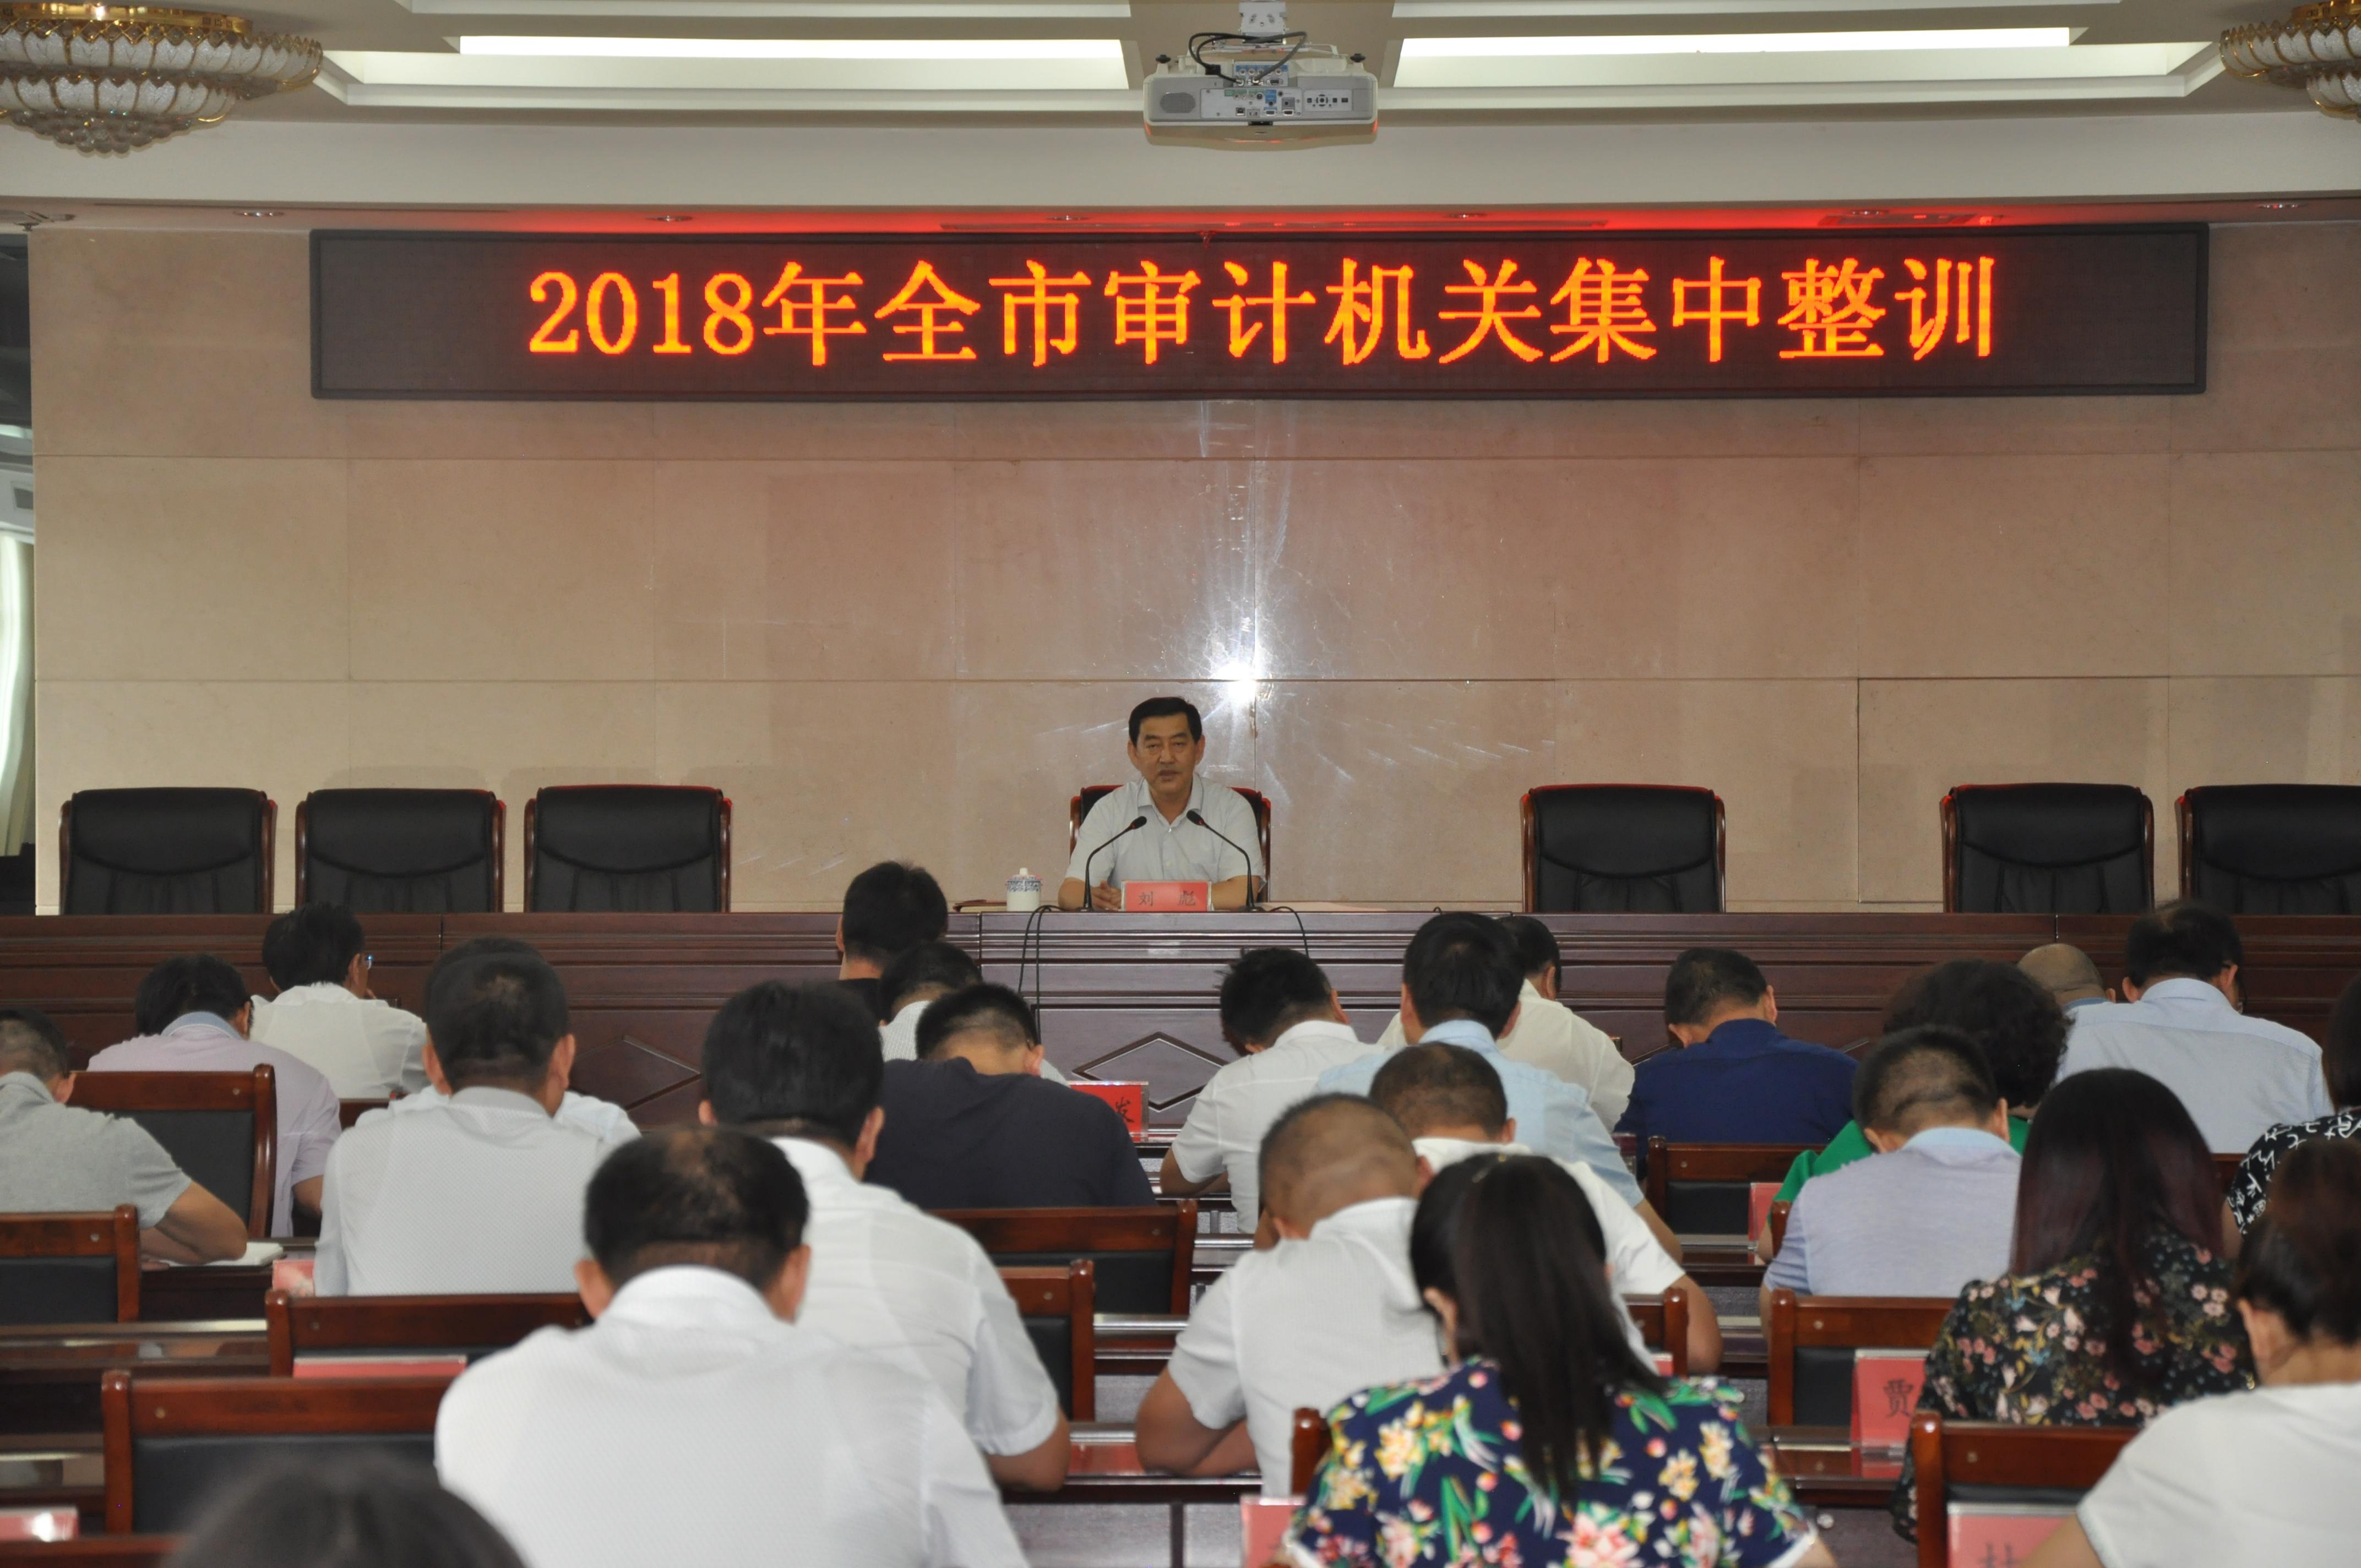 朔州市审计局开展2018年度集中整训